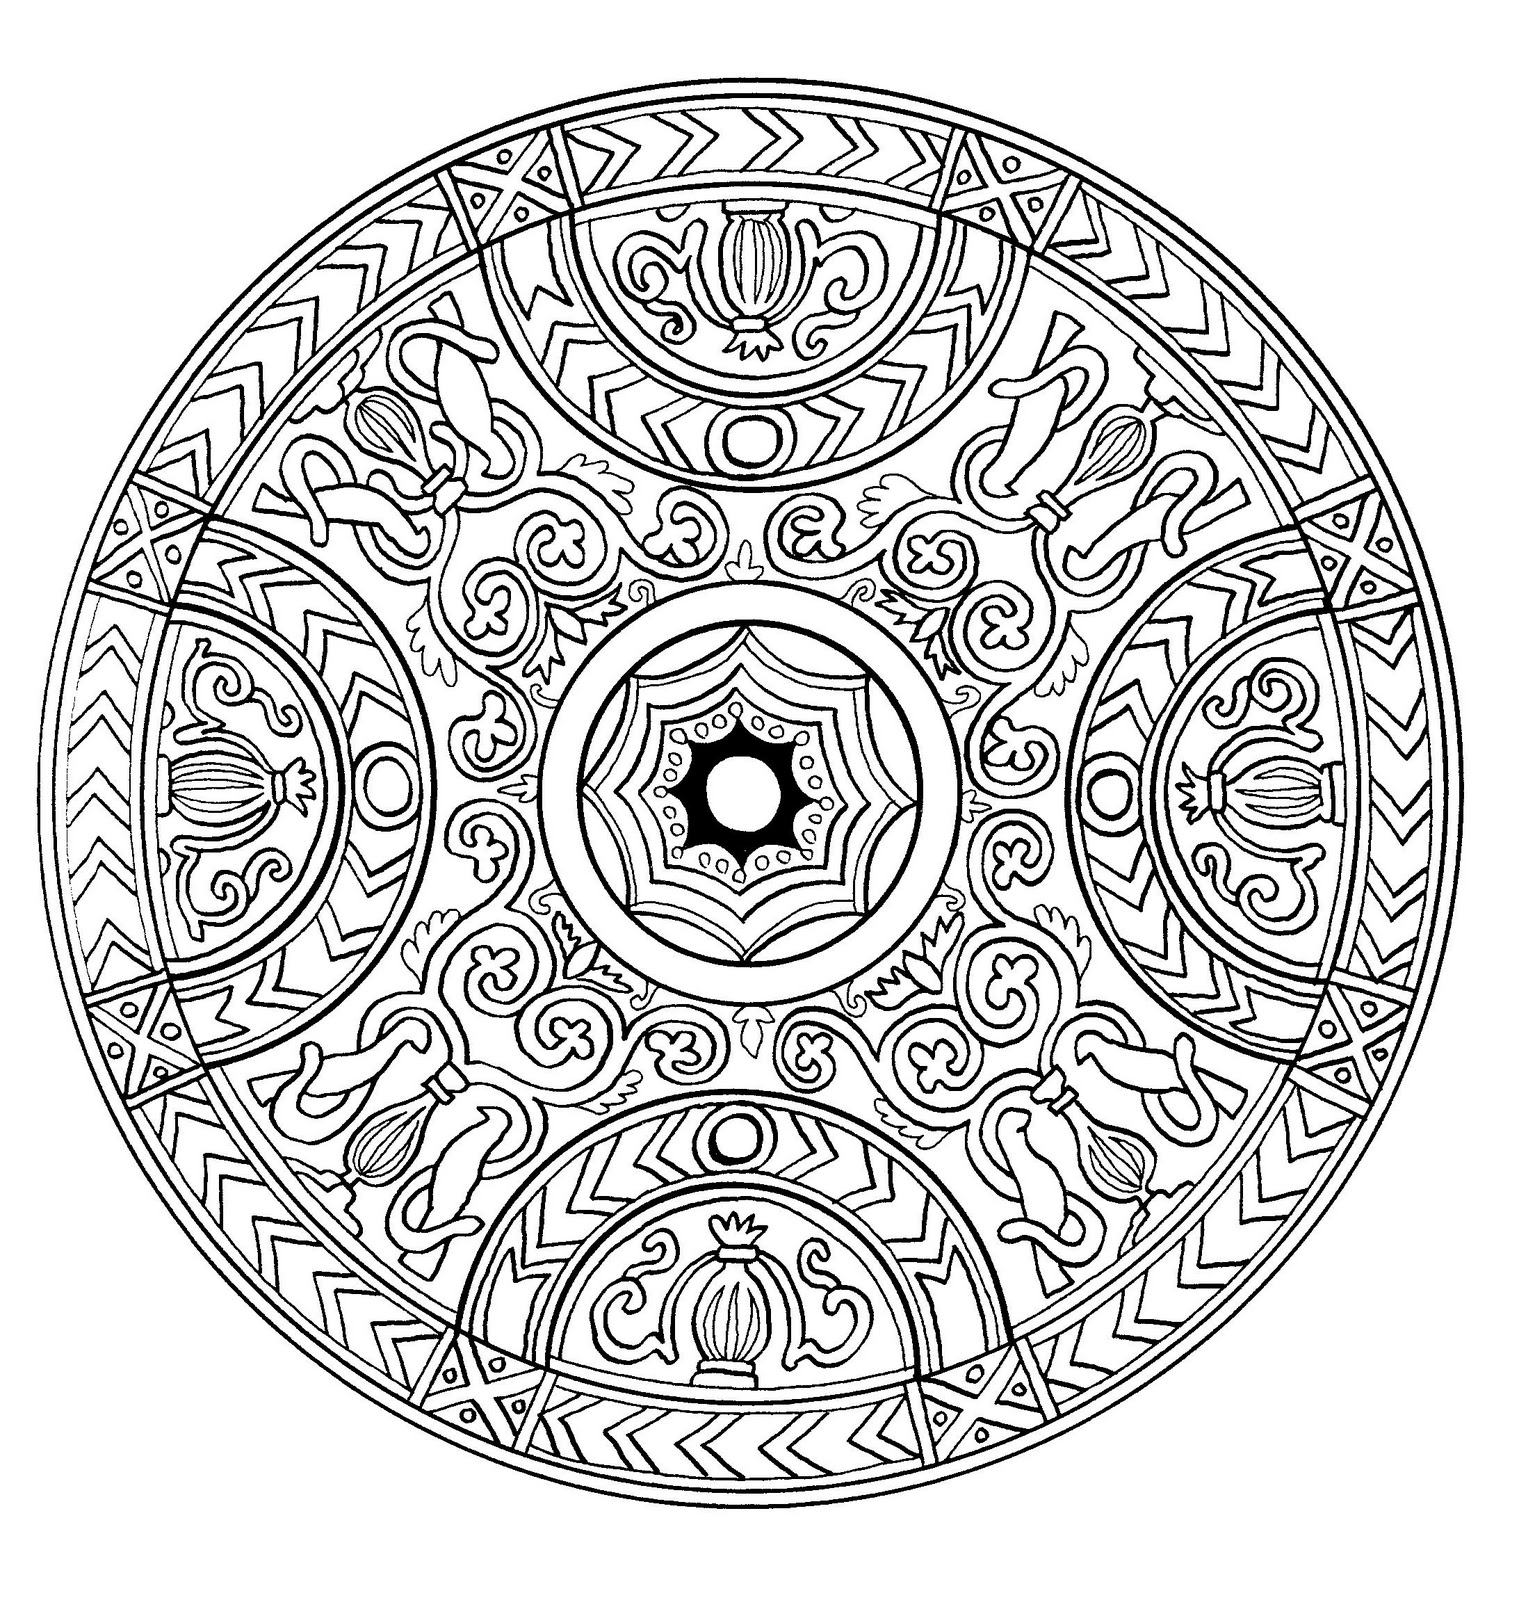 Mandala A Imprimer 1 - Coloriage Mandalas - Coloriages avec Mandala Pour Petit